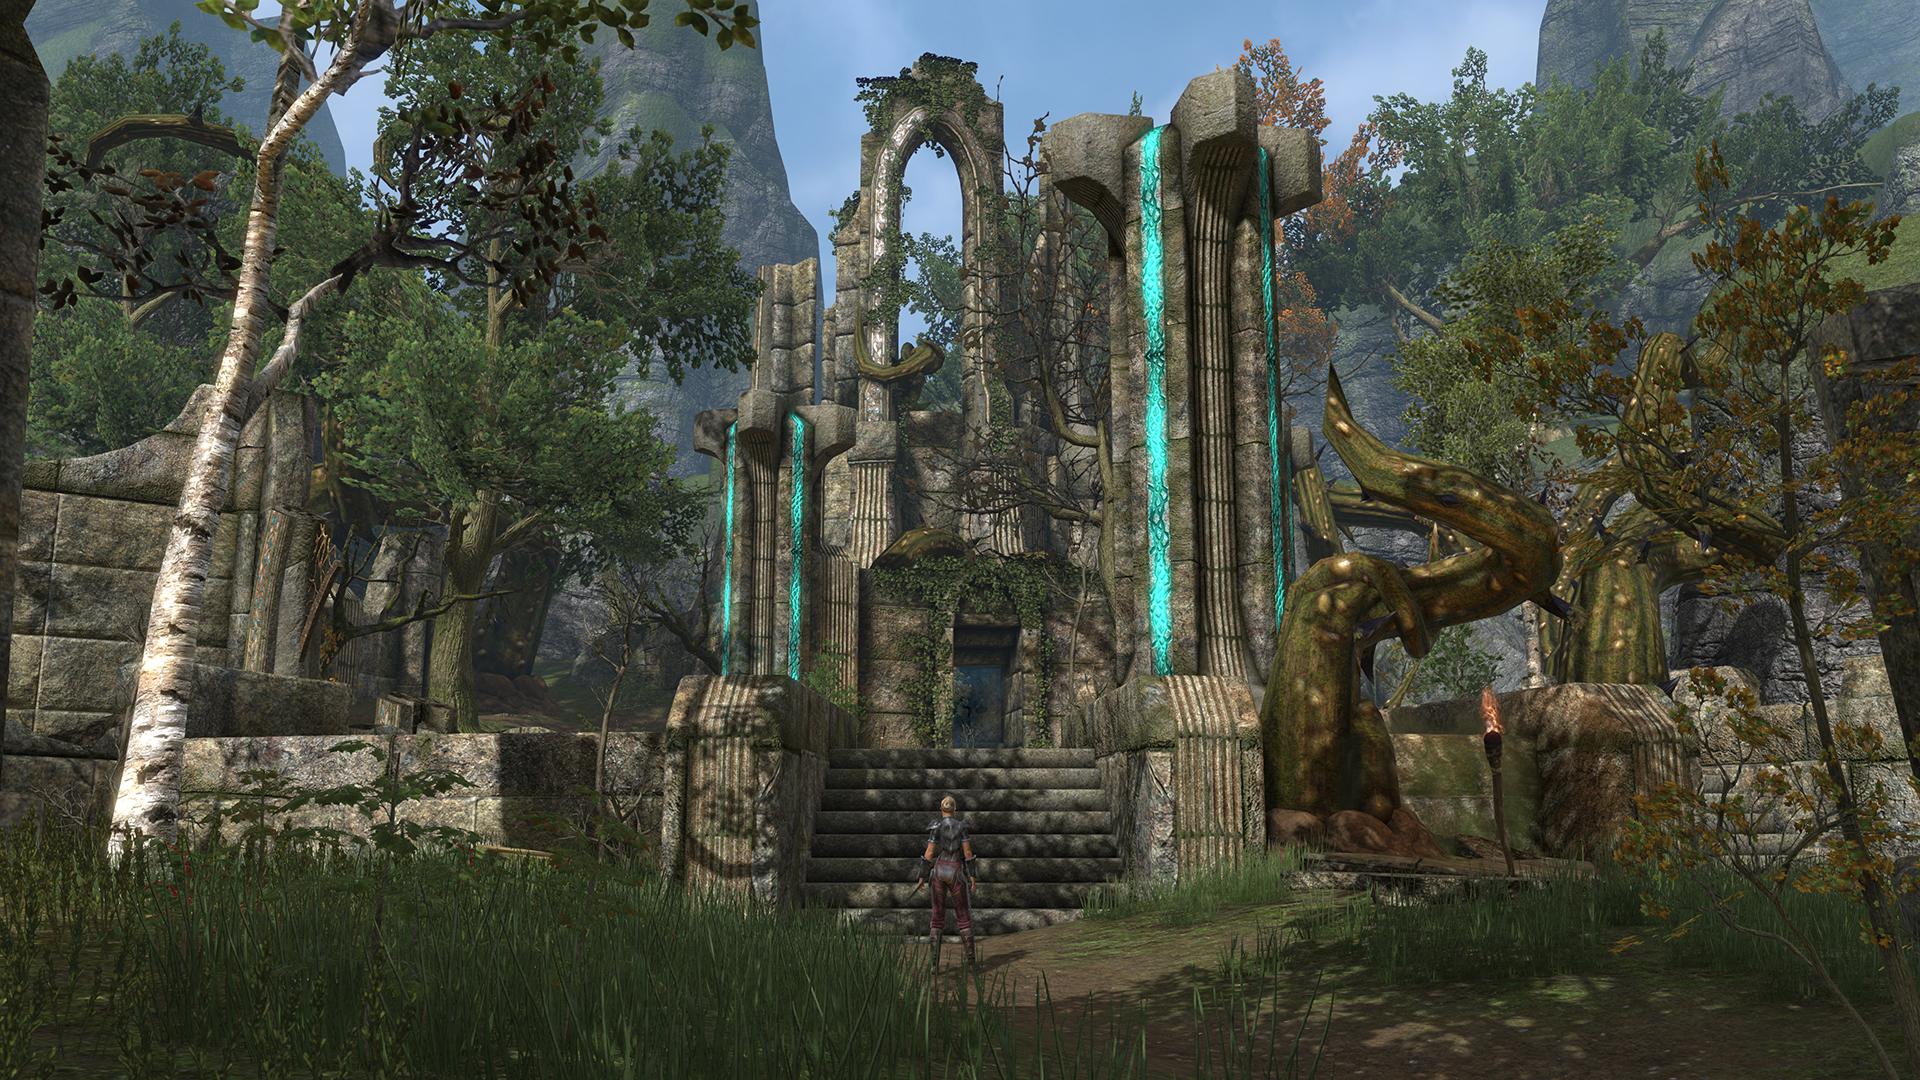 Ayleid_ruin_The_Elder_Scrolls_Online.jpg